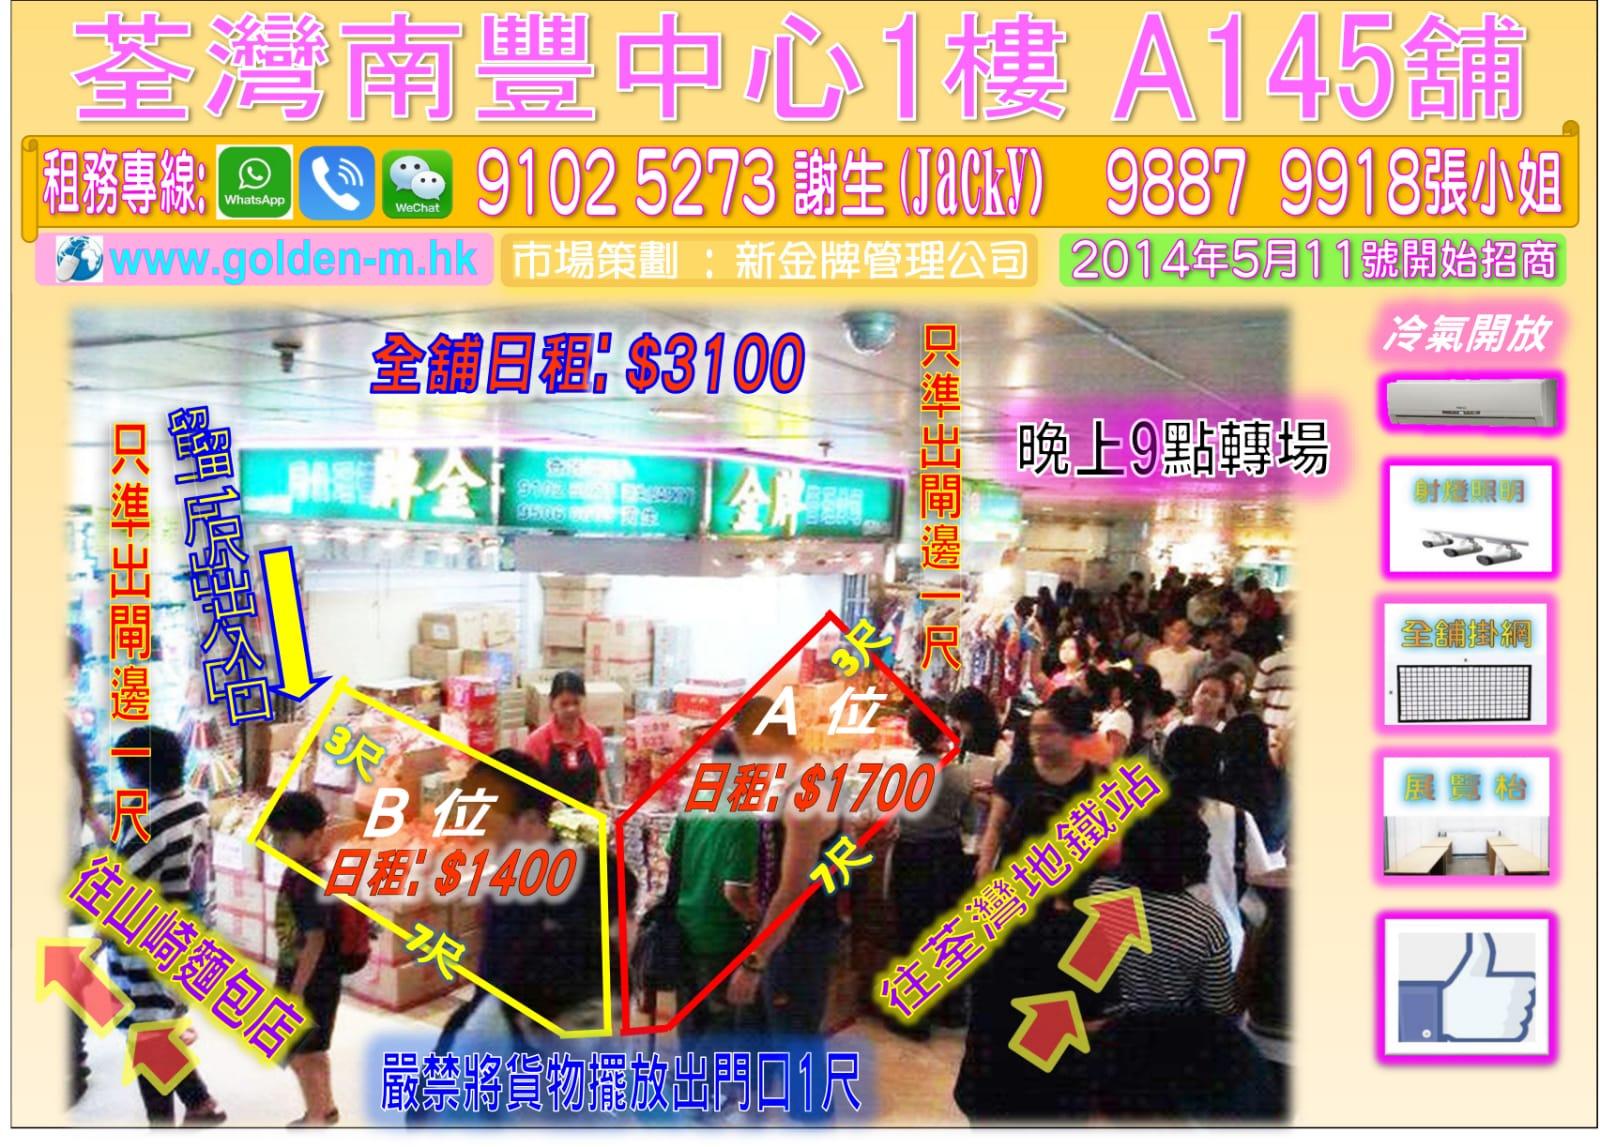 荃灣南豐中心1樓 A145 舖